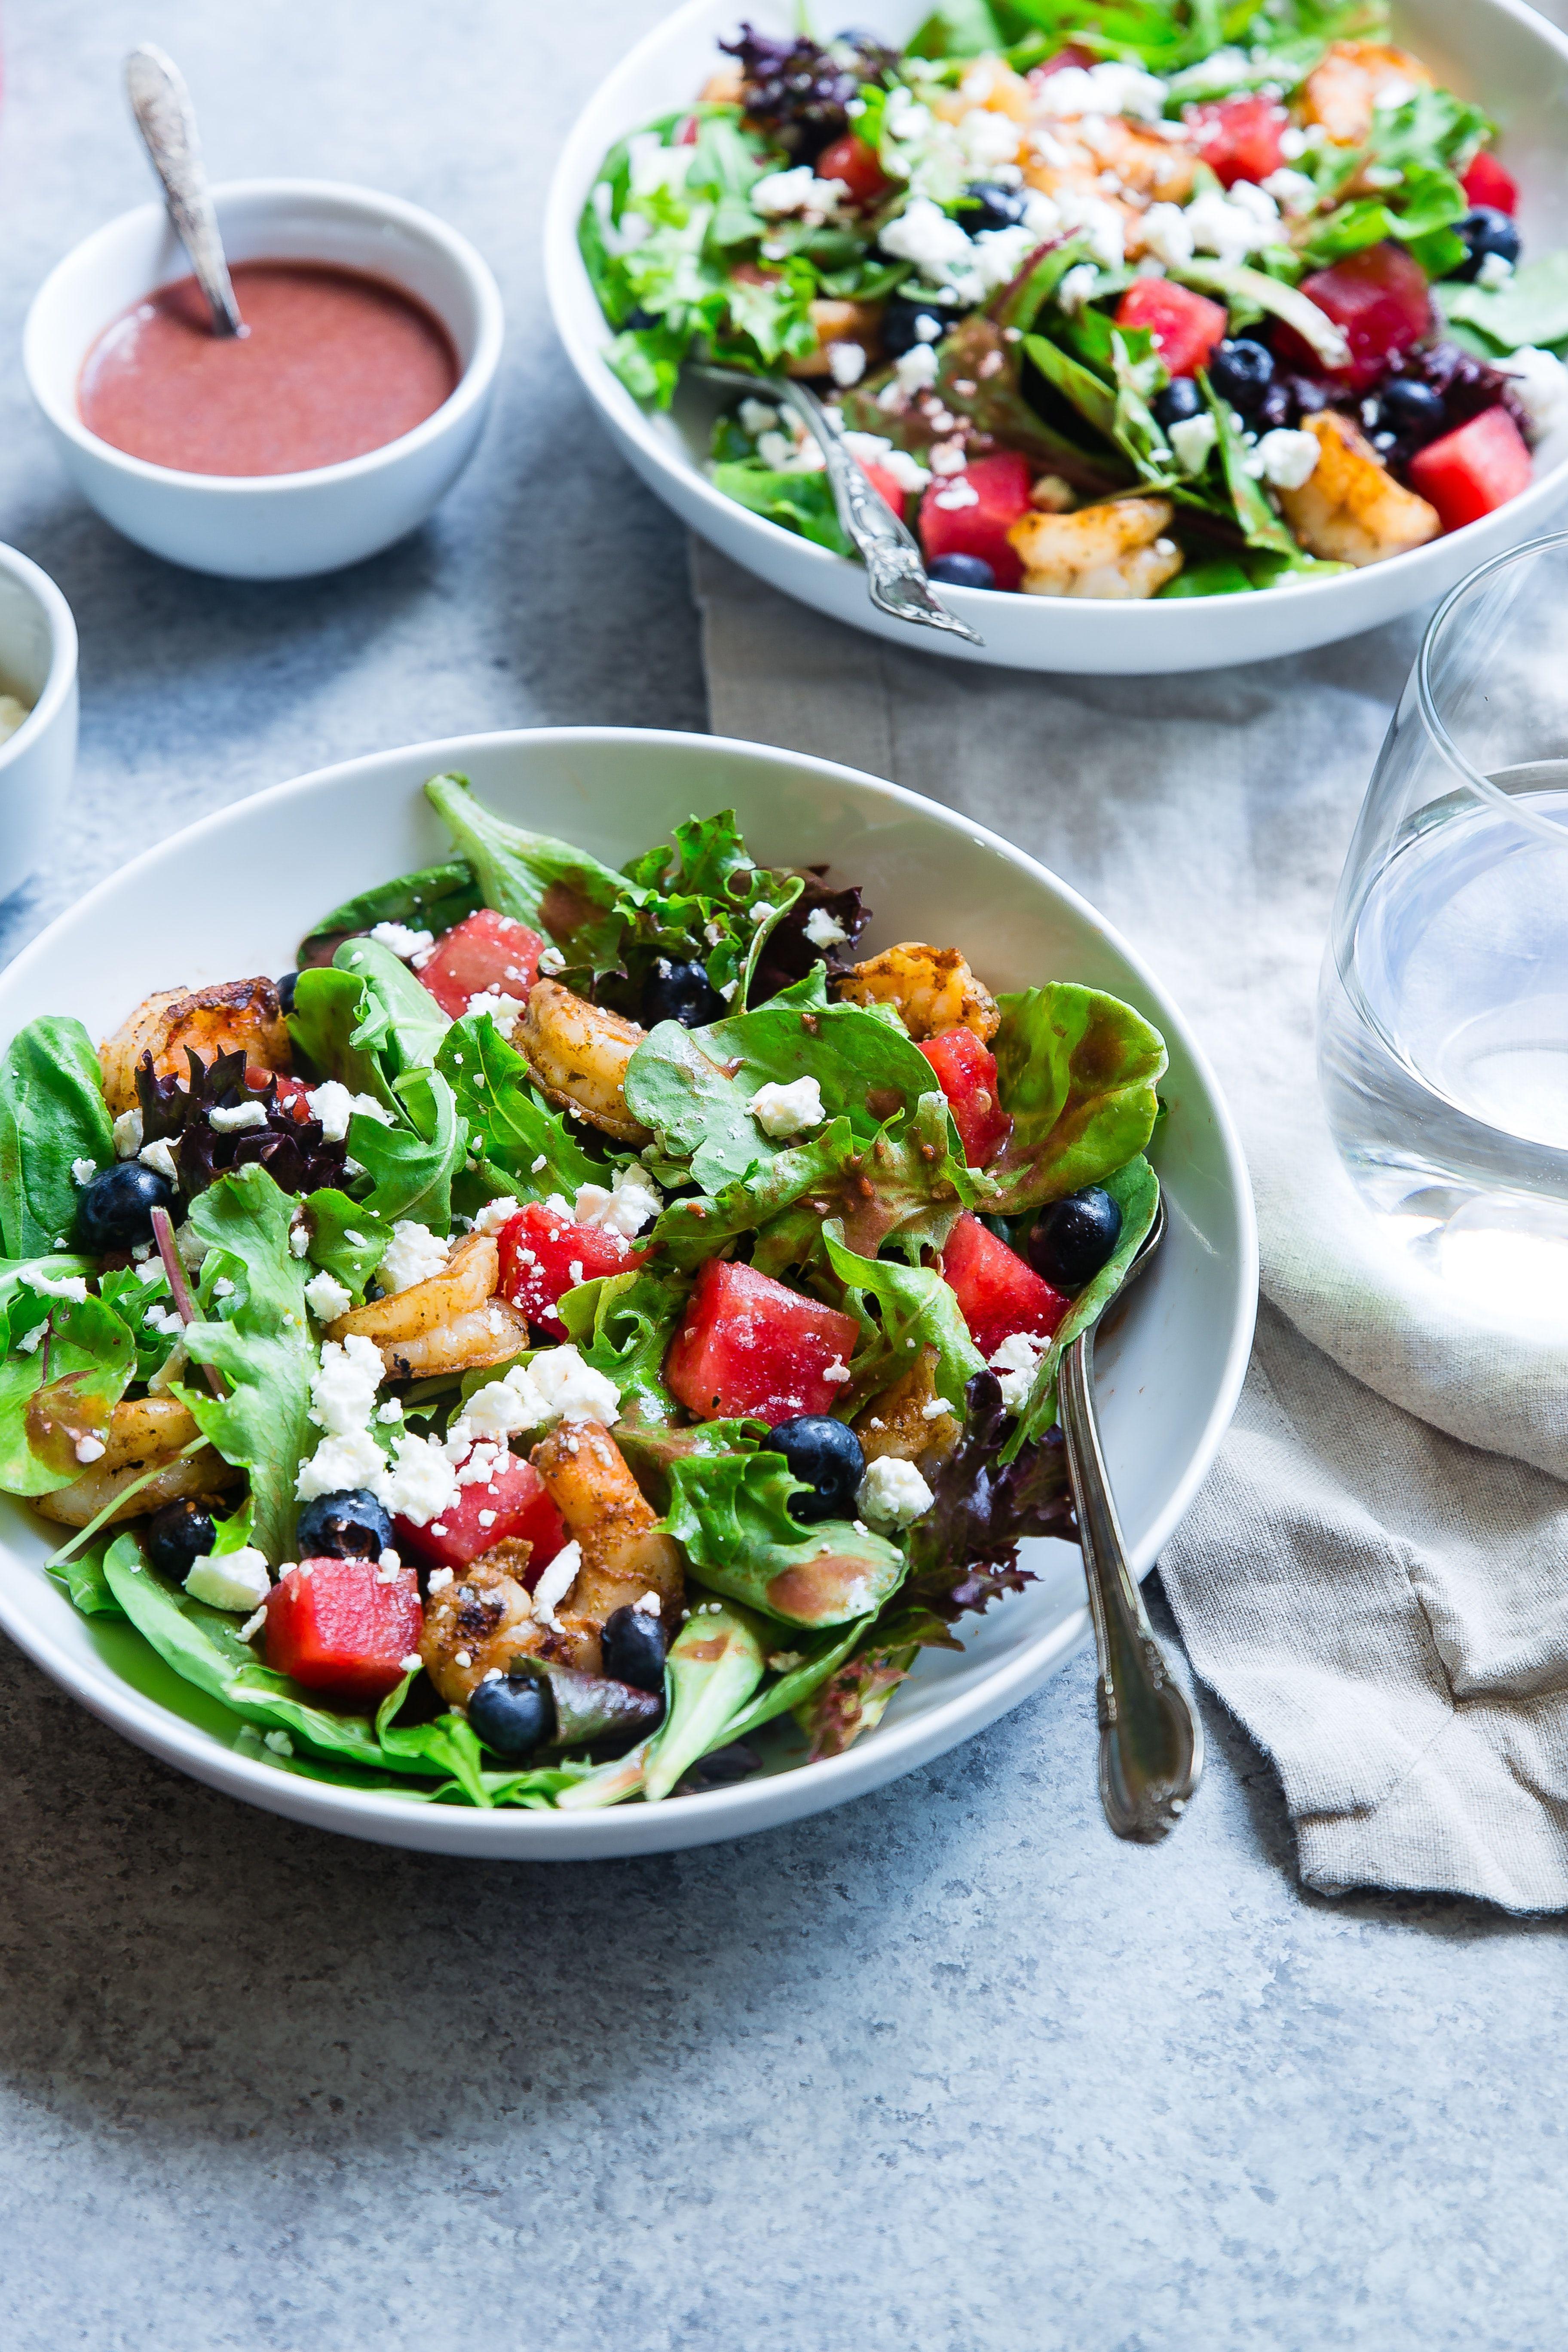 Salad_taylor-kiser-evoiiaivrzu-unsplash